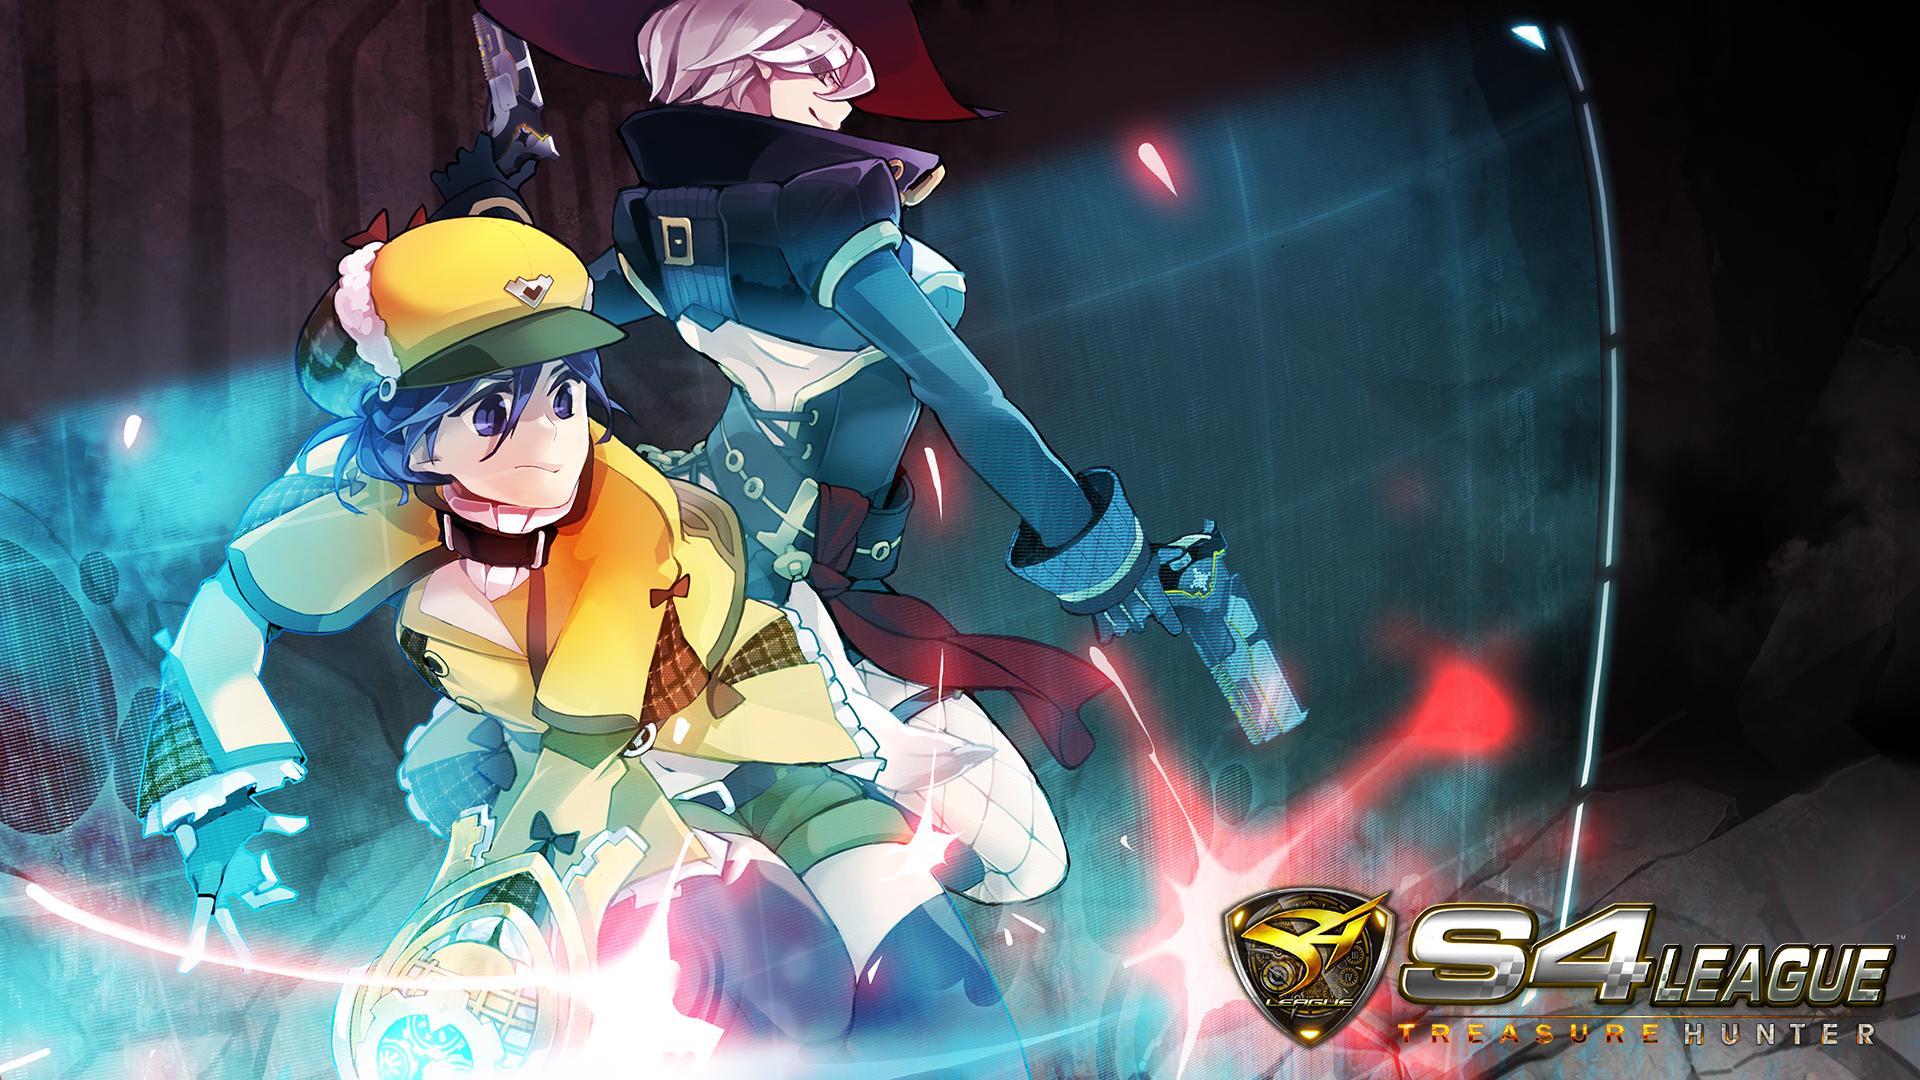 S4 League, Wallpaper - Zerochan Anime Image Board